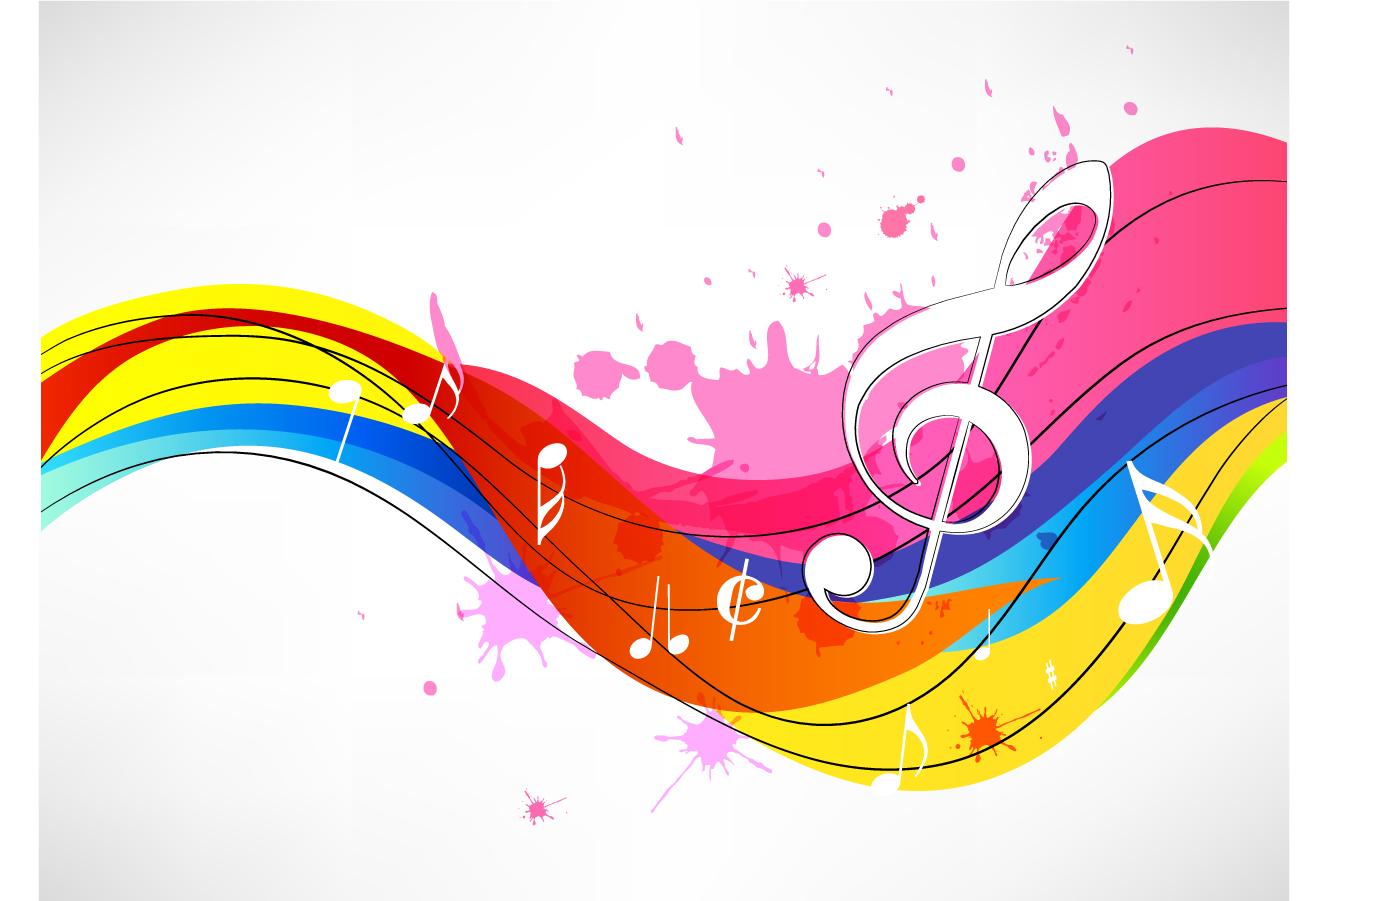 カラフルな曲線と音符の背景 Abstract music note background イラスト素材